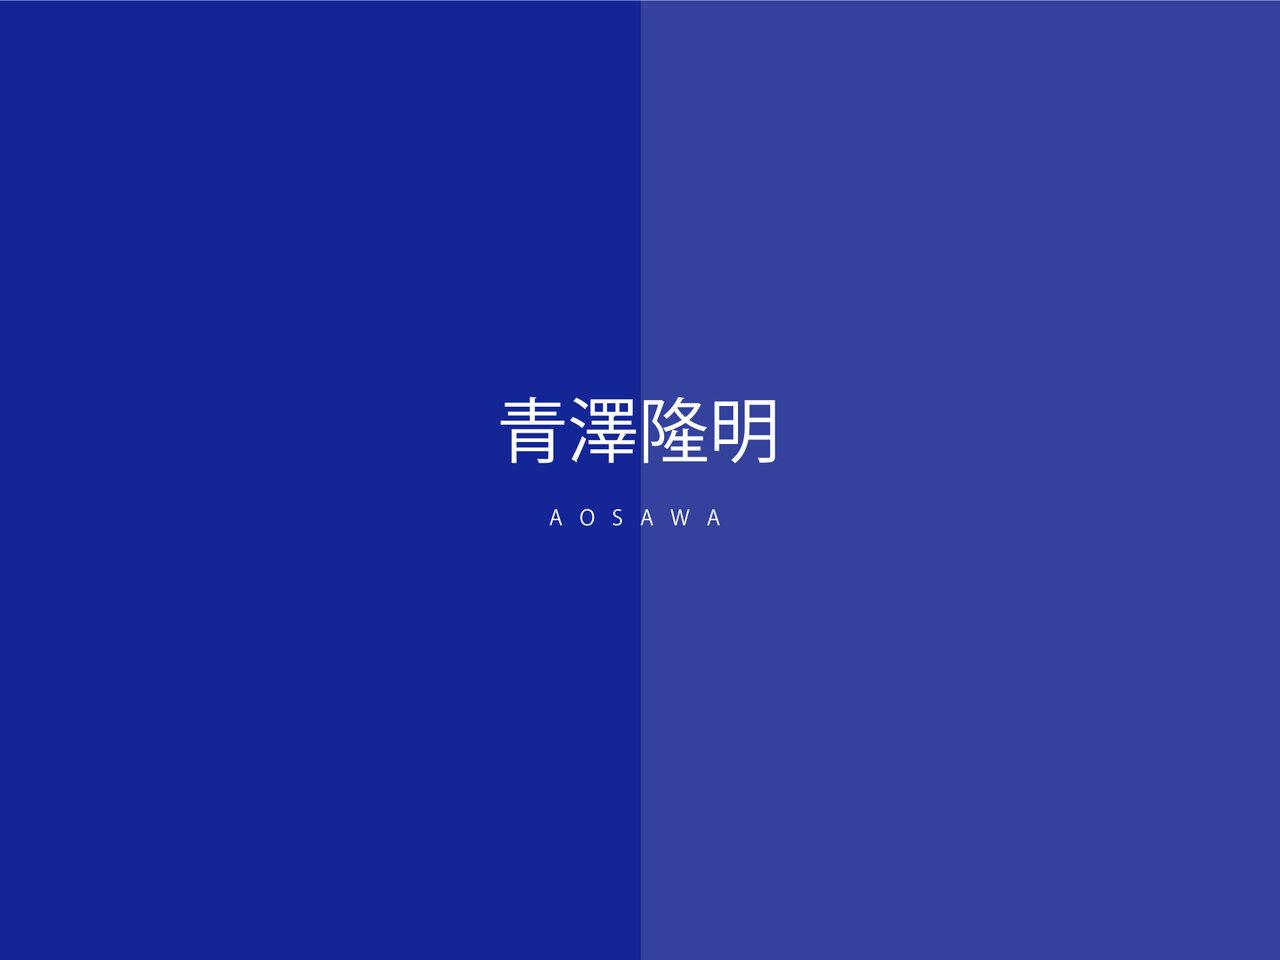 ポリーニのエチュード (青澤隆明)